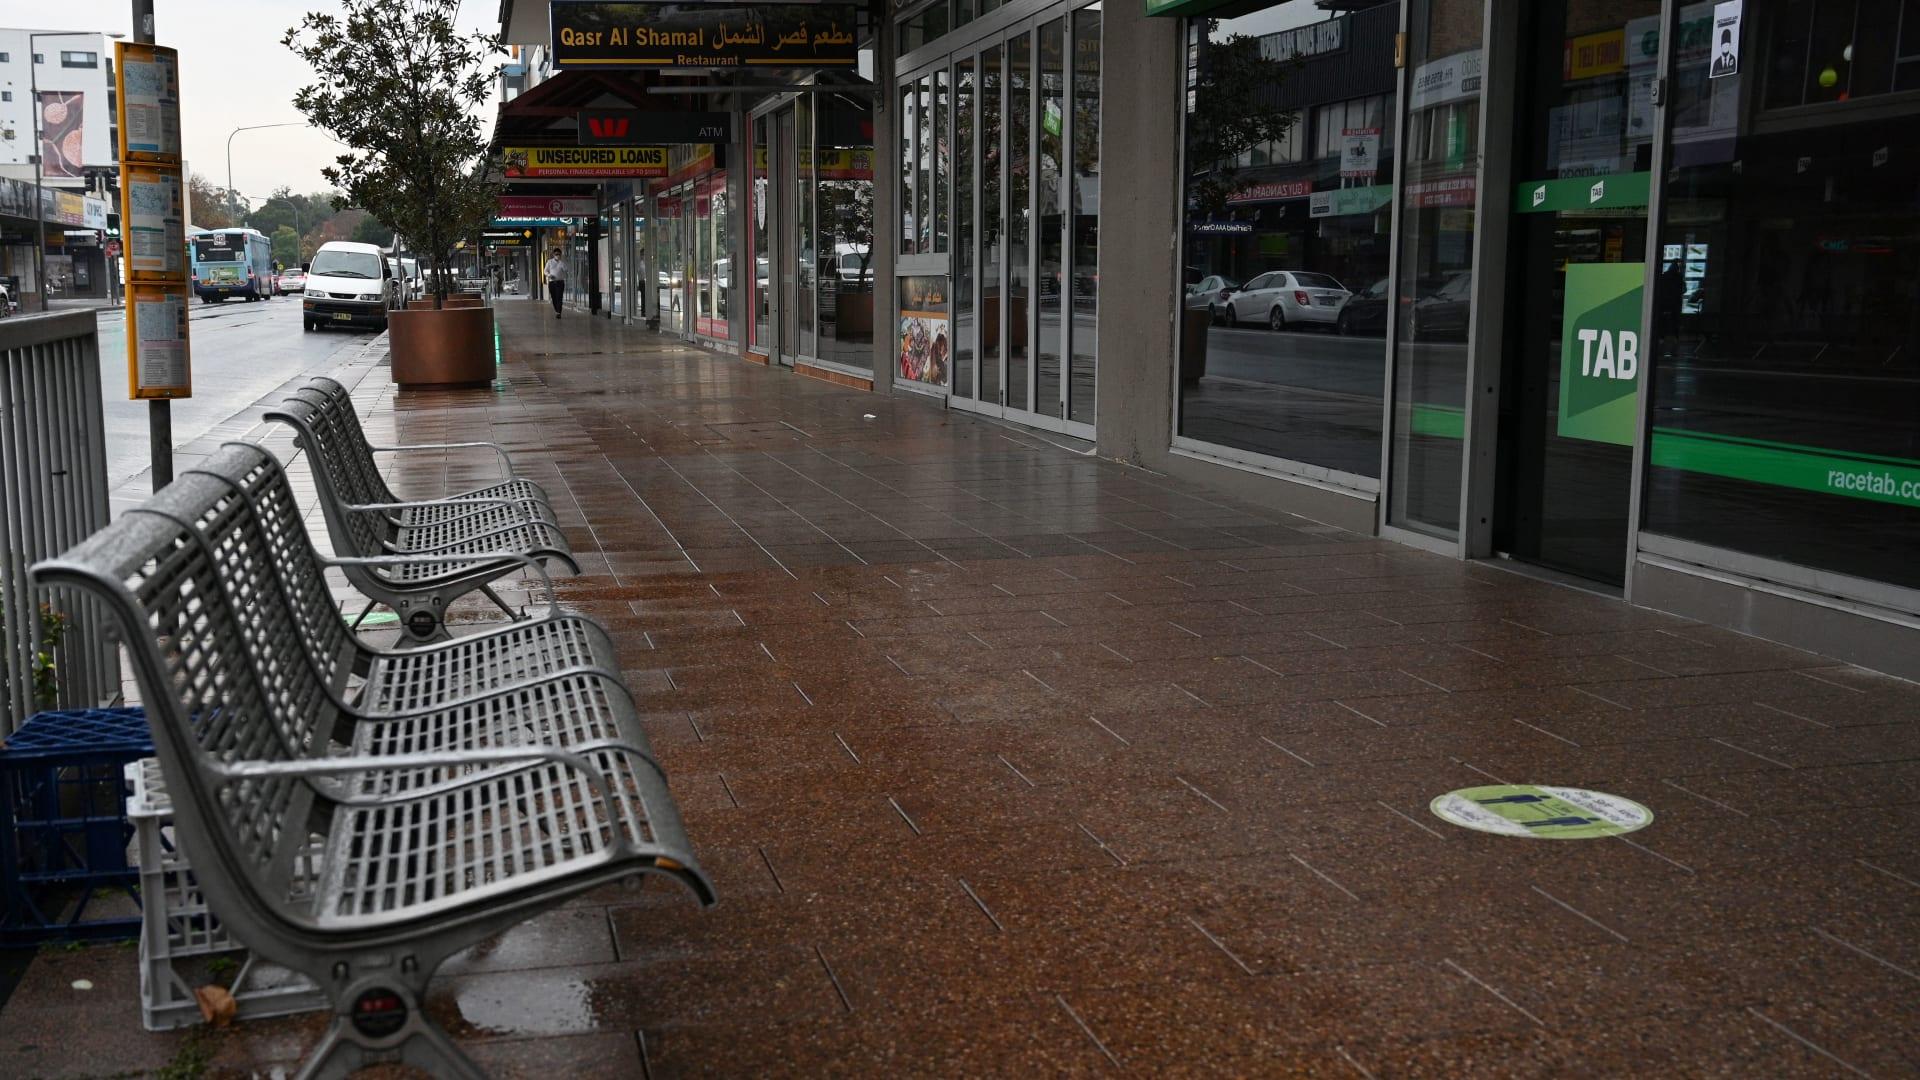 أكبر مدن أستراليا سيدني تمدد عملية الإغلاق لأسبوعين آخرين بسبب فيروس كورونا